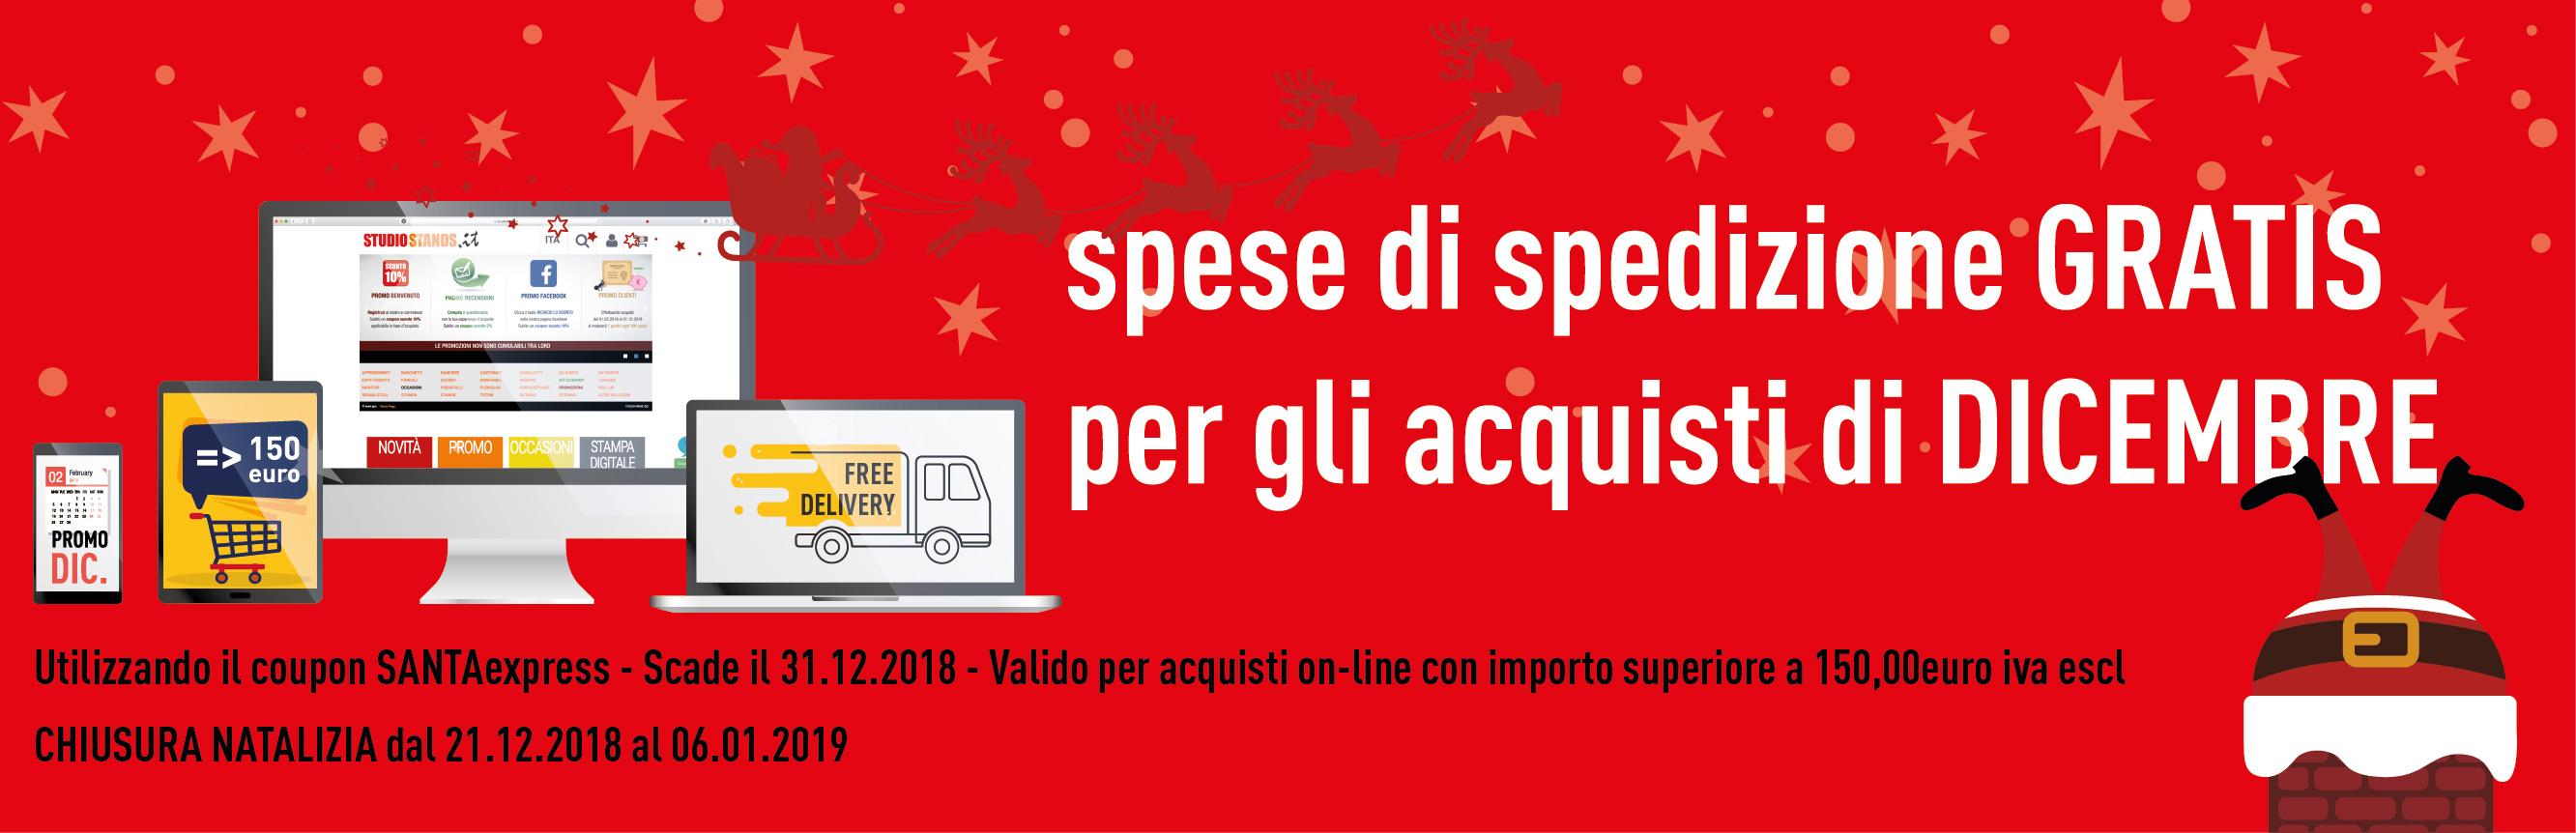 spedizioni gratuite promo dicembre 2018